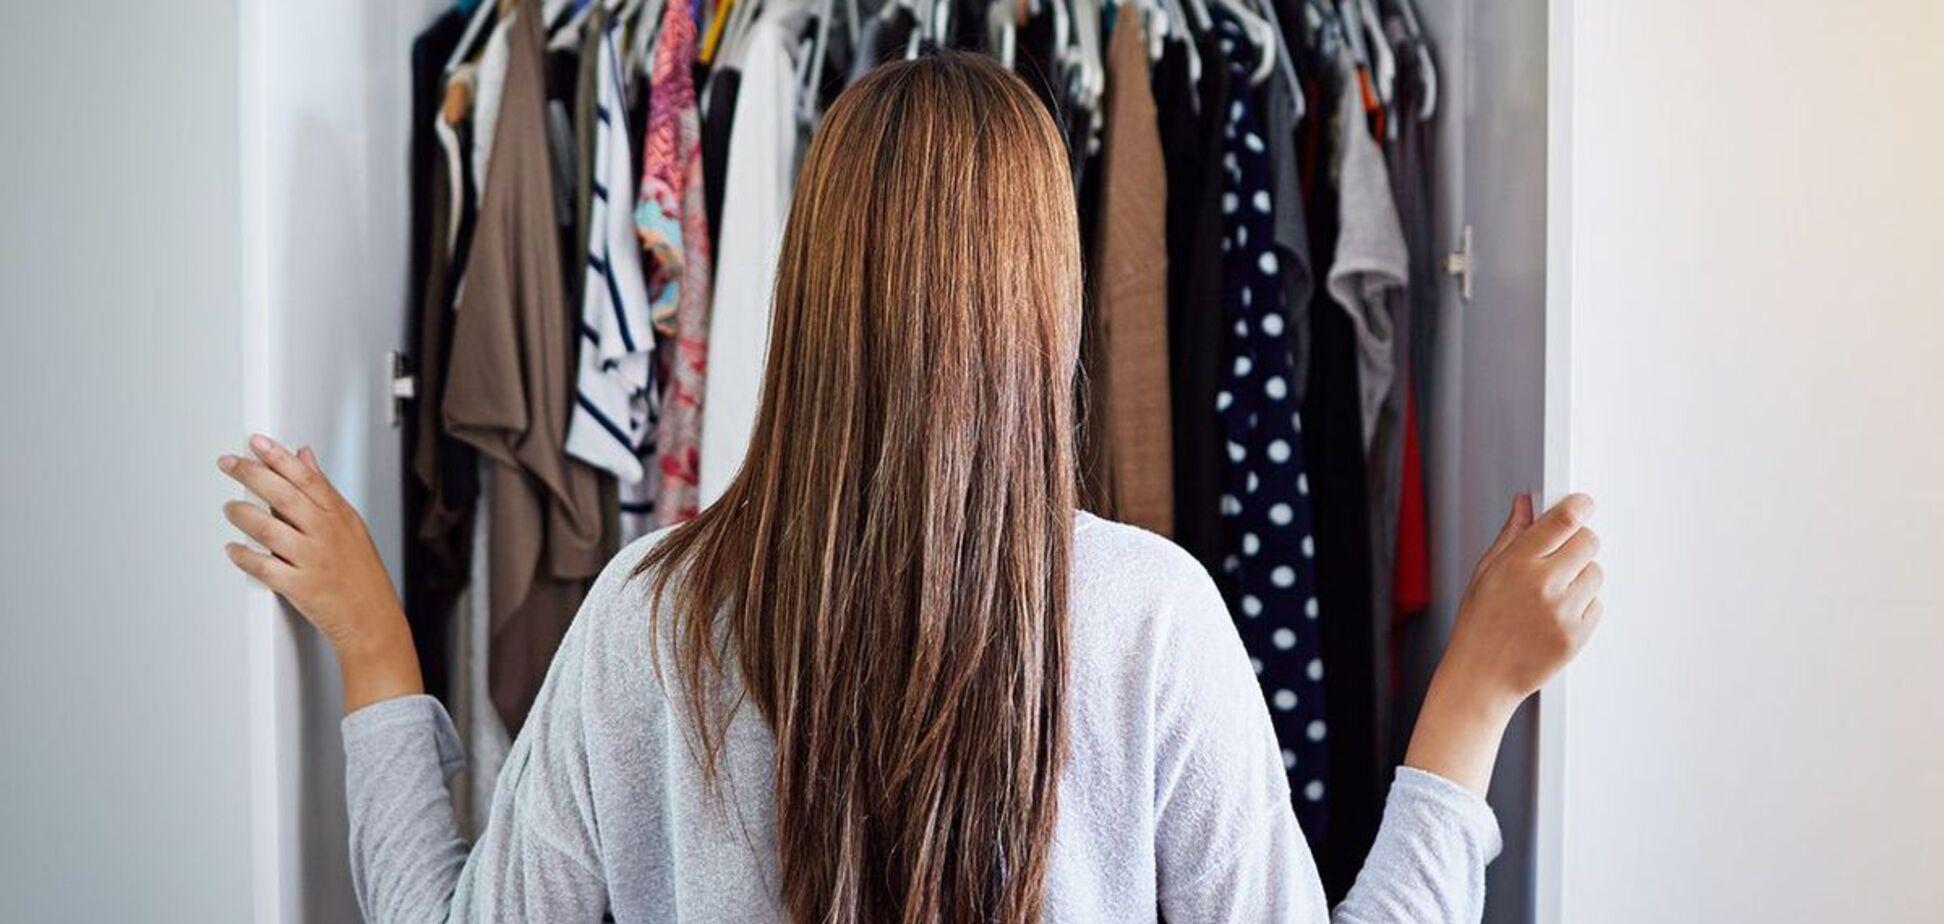 Названы вещи, которые должны быть в гардеробе каждой женщины